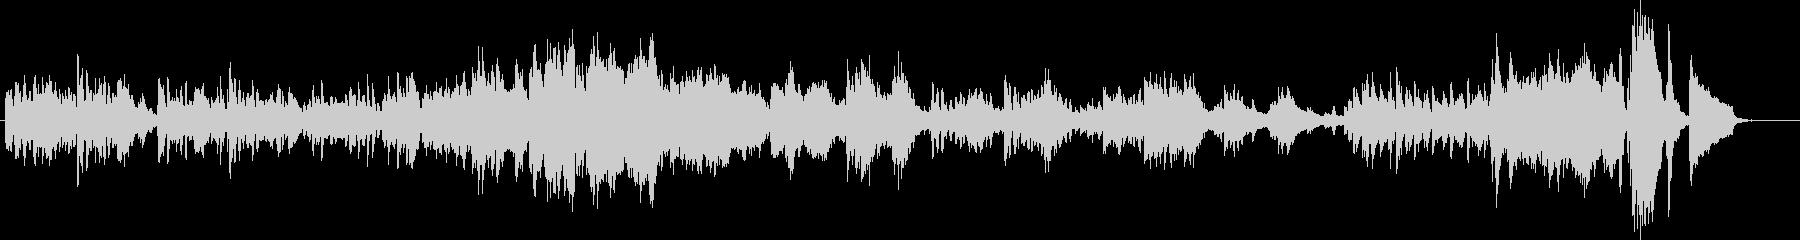 ショパン練習曲12-5明るくてキラキラの未再生の波形